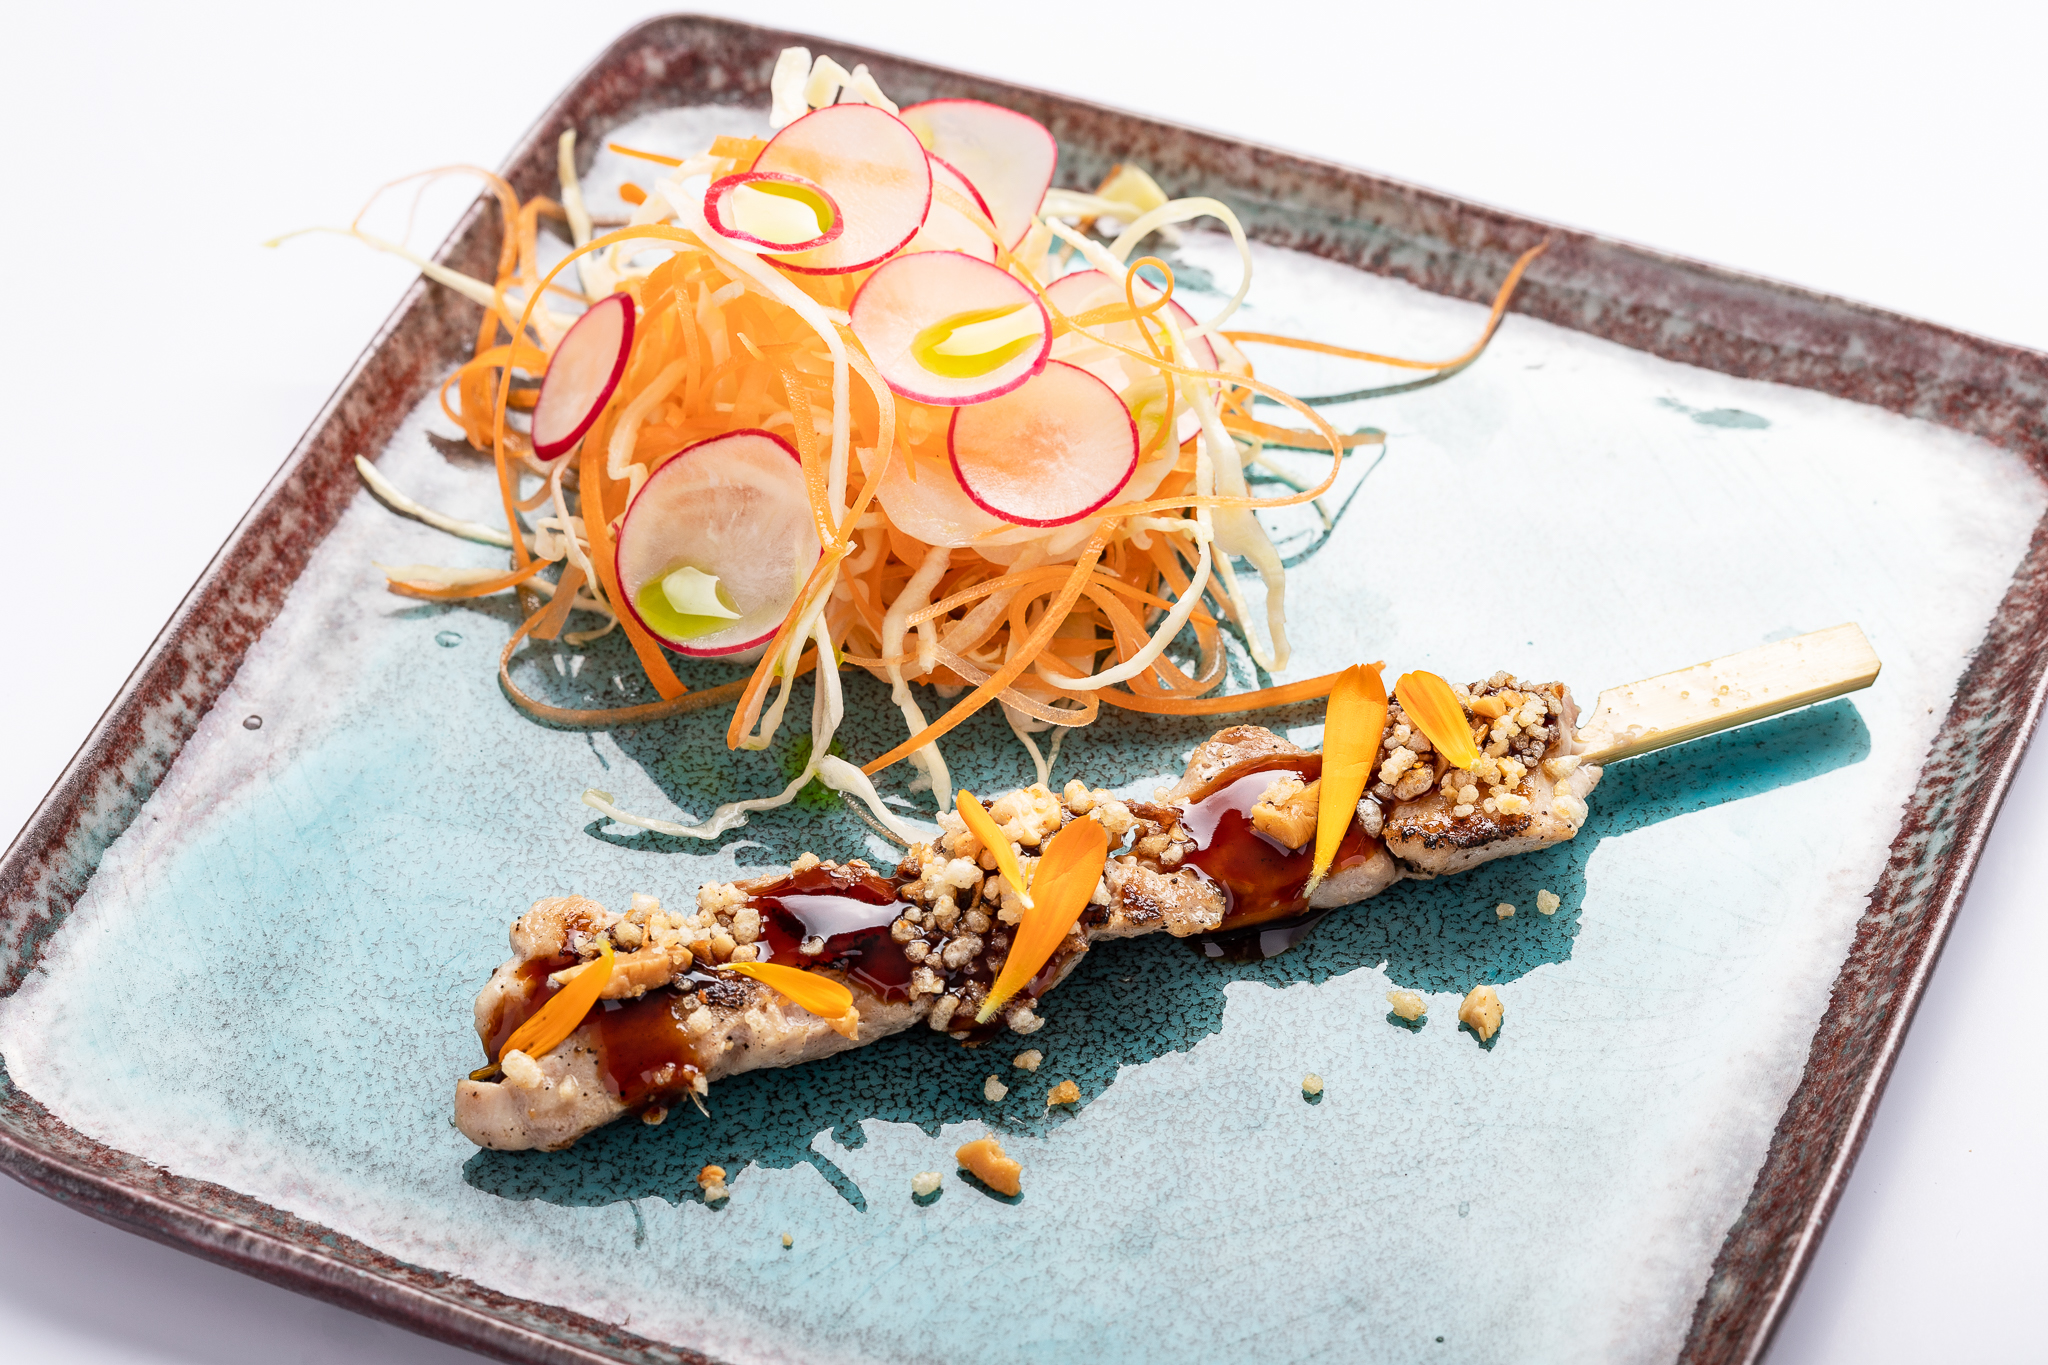 Sticky-chicken-on-a-stick: chicken skewer, crispy oriental salad - ROCK-FORT